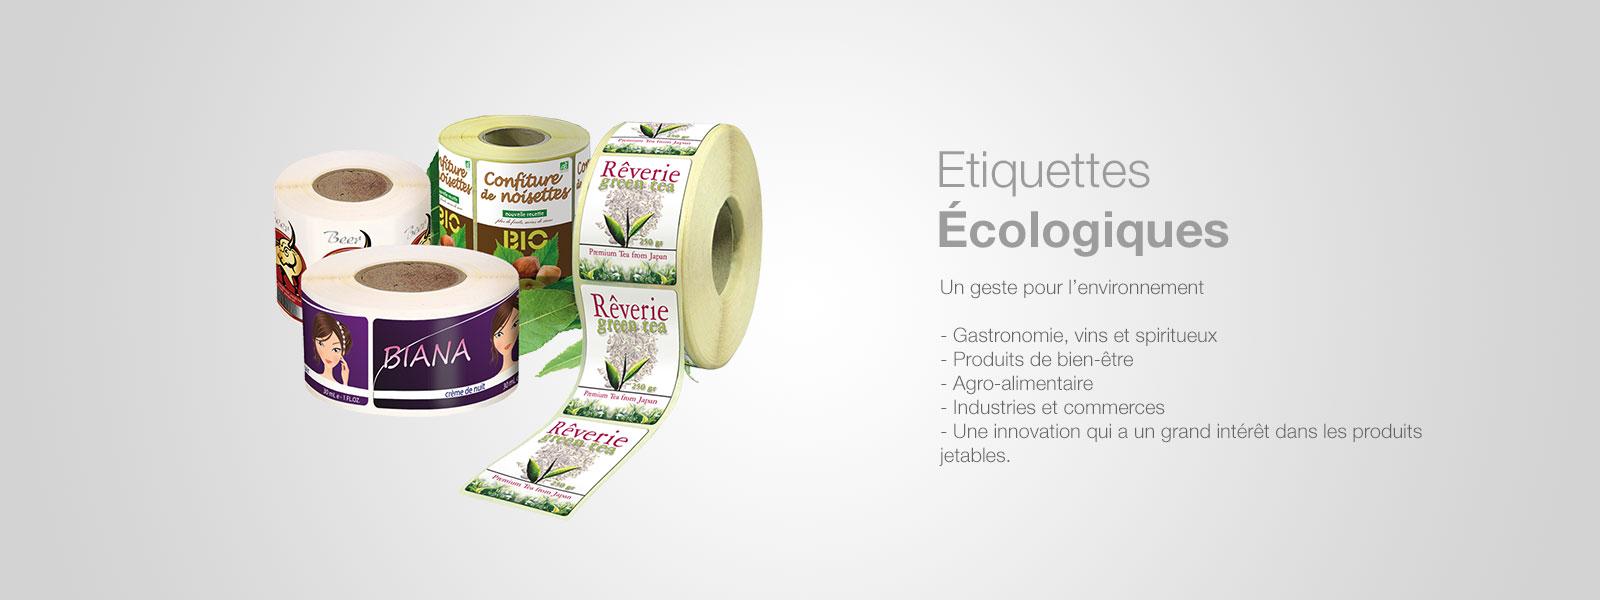 Etiquettes écologiques